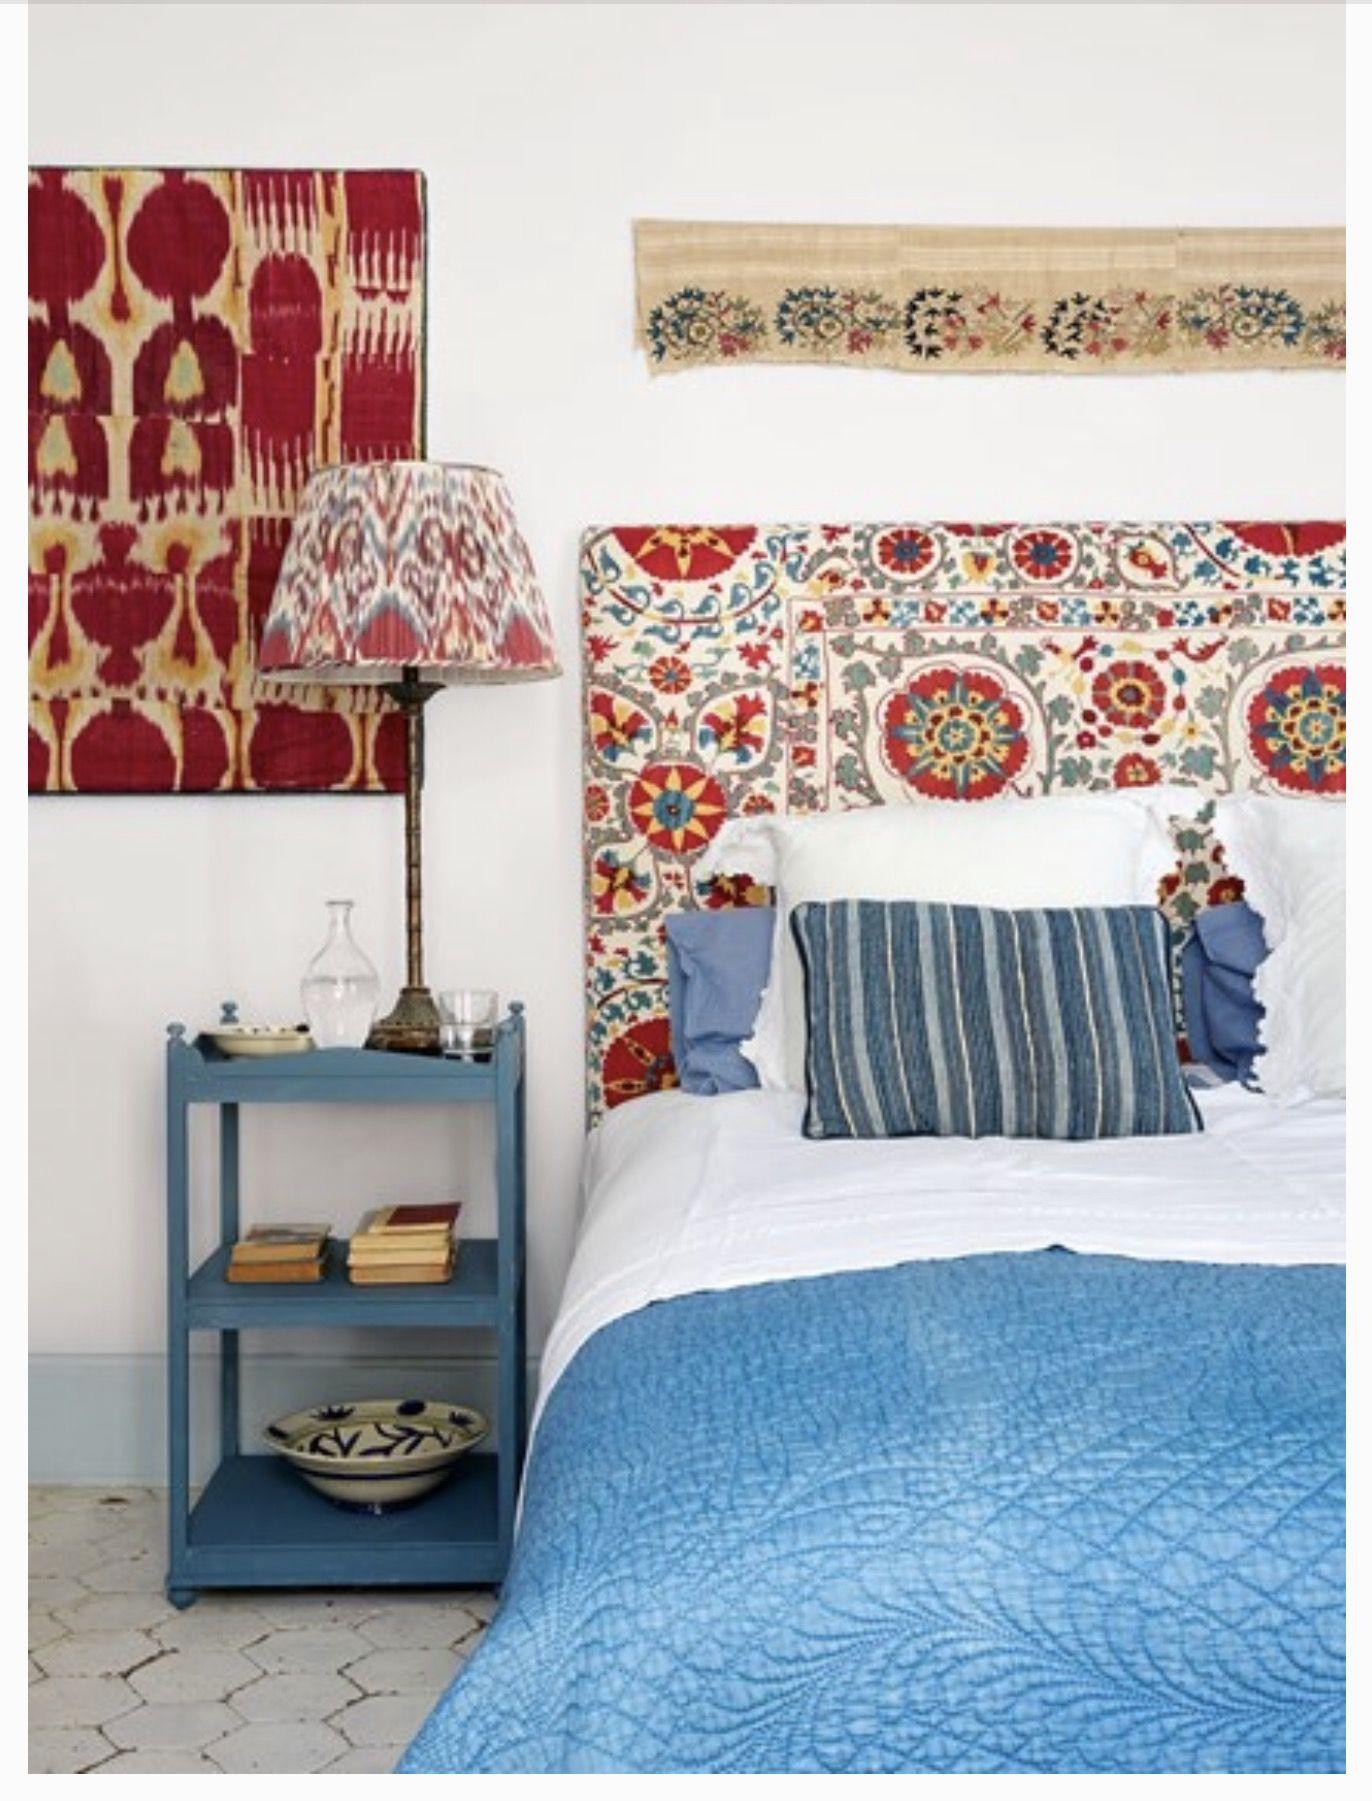 Lampe de chevet, lampe, bois, design  Déco maison, Décoration